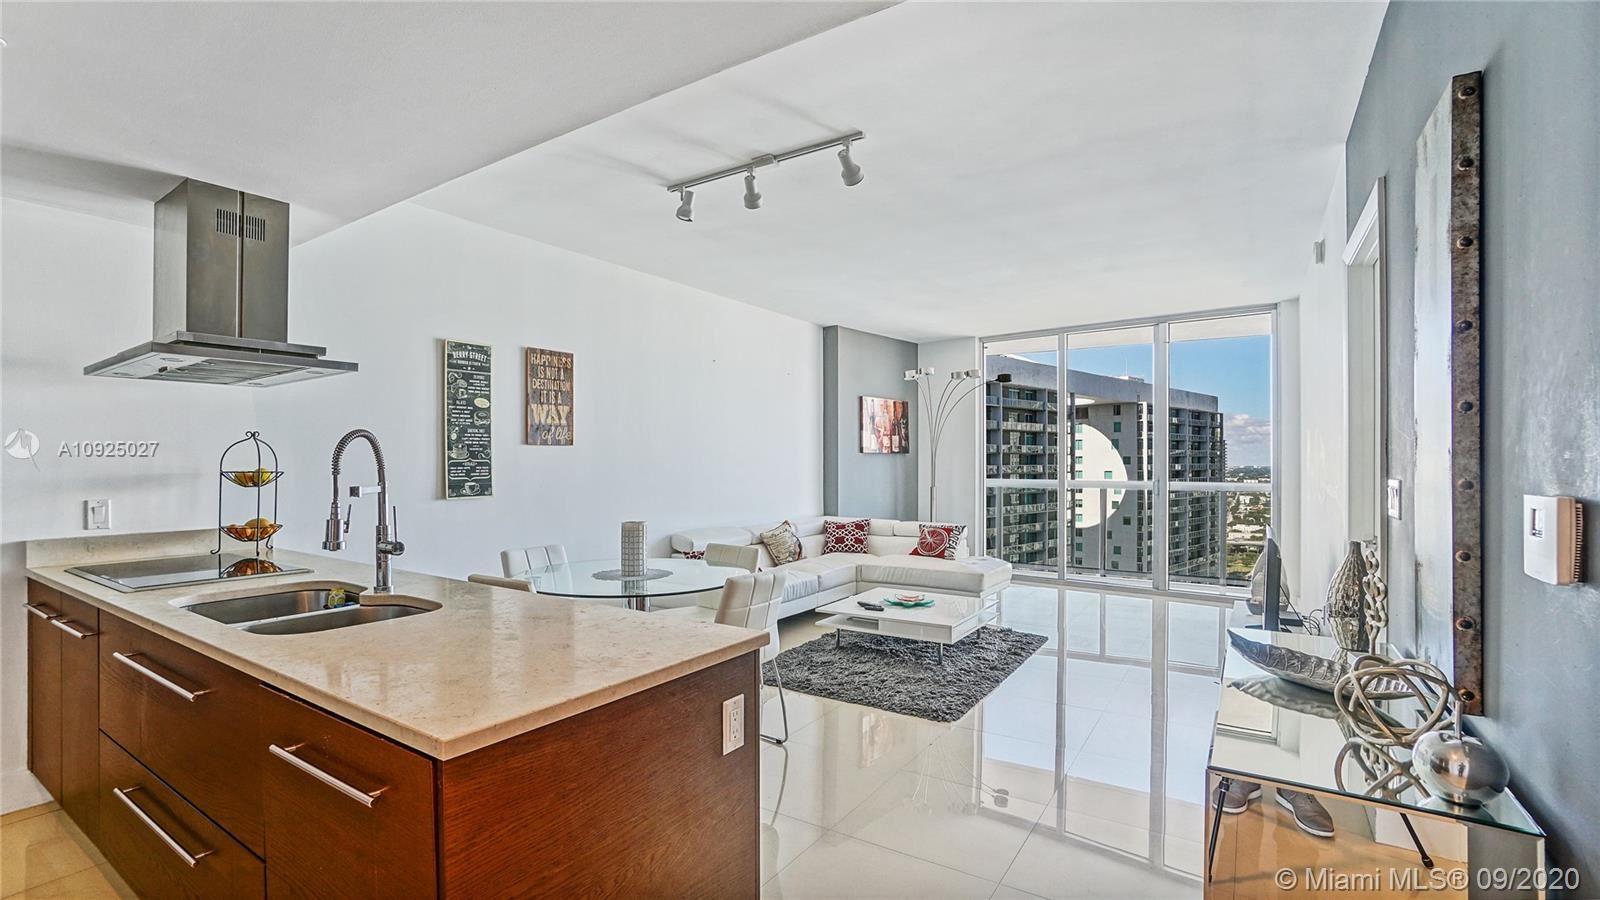 485 Brickell Ave #3806, Miami, FL 33131 - #: A10925027